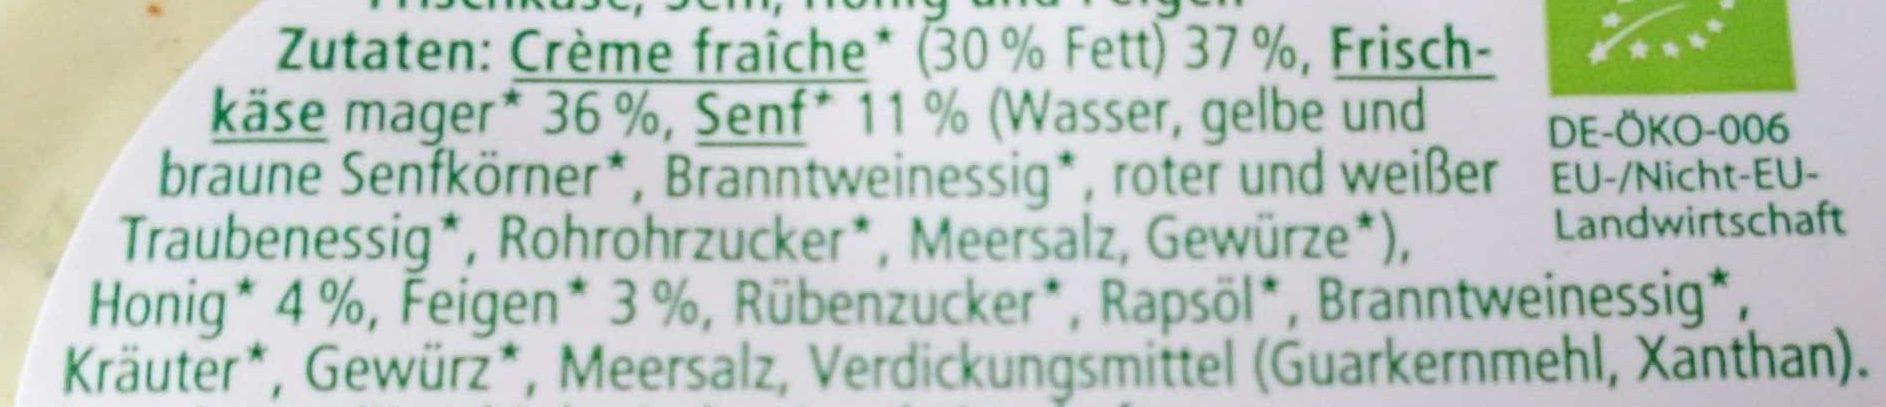 Brotaufstrich Senf-Honig-Feige - Ingredients